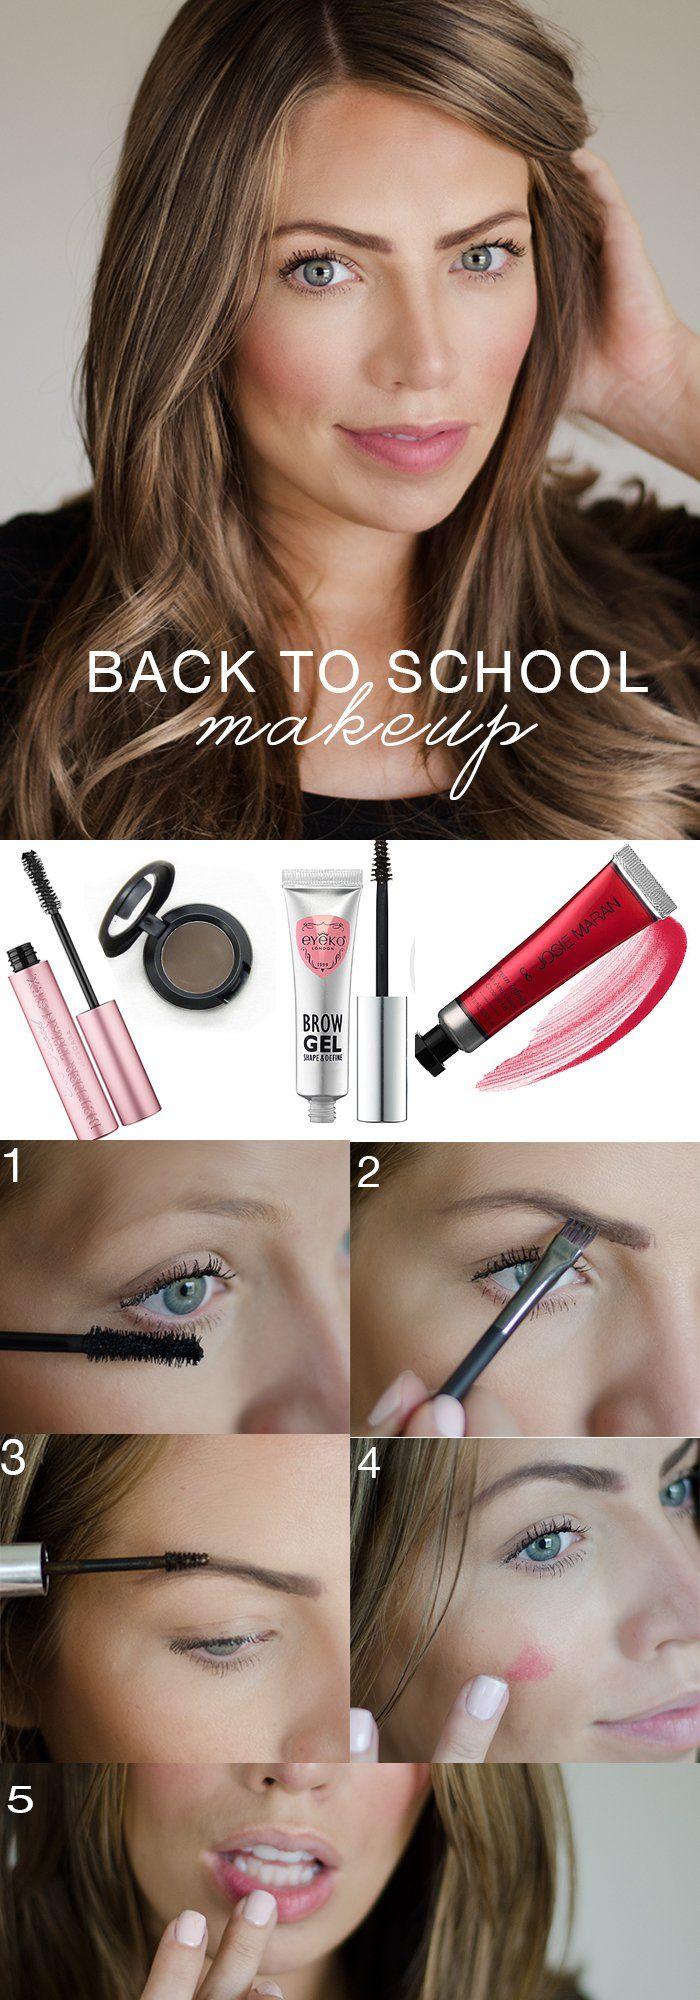 Back to School | Makeup - Maskcara